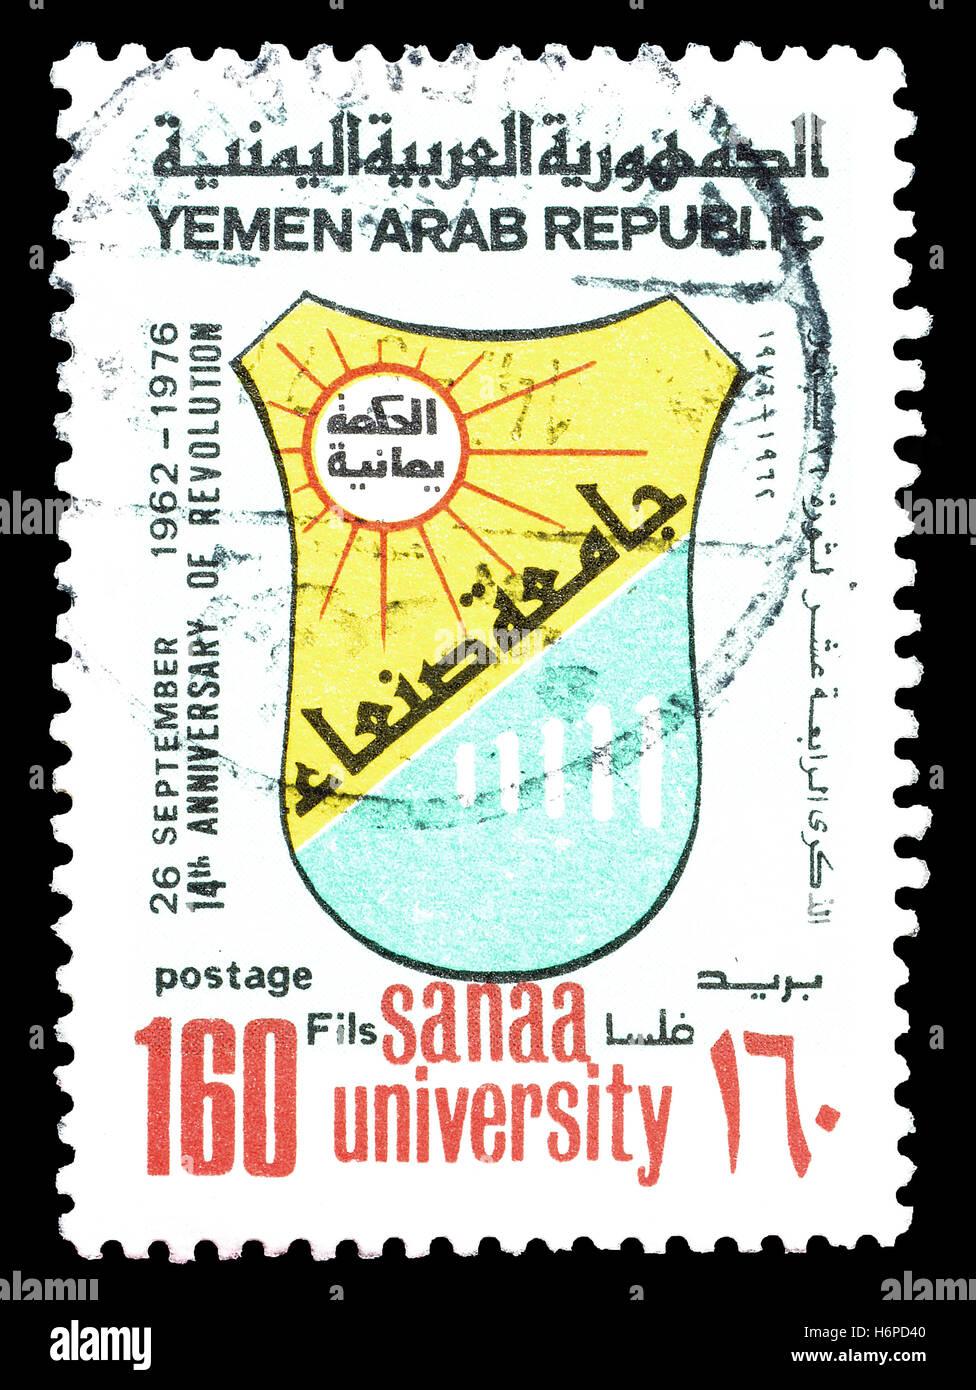 Yemen stamp 1976 - Stock Image